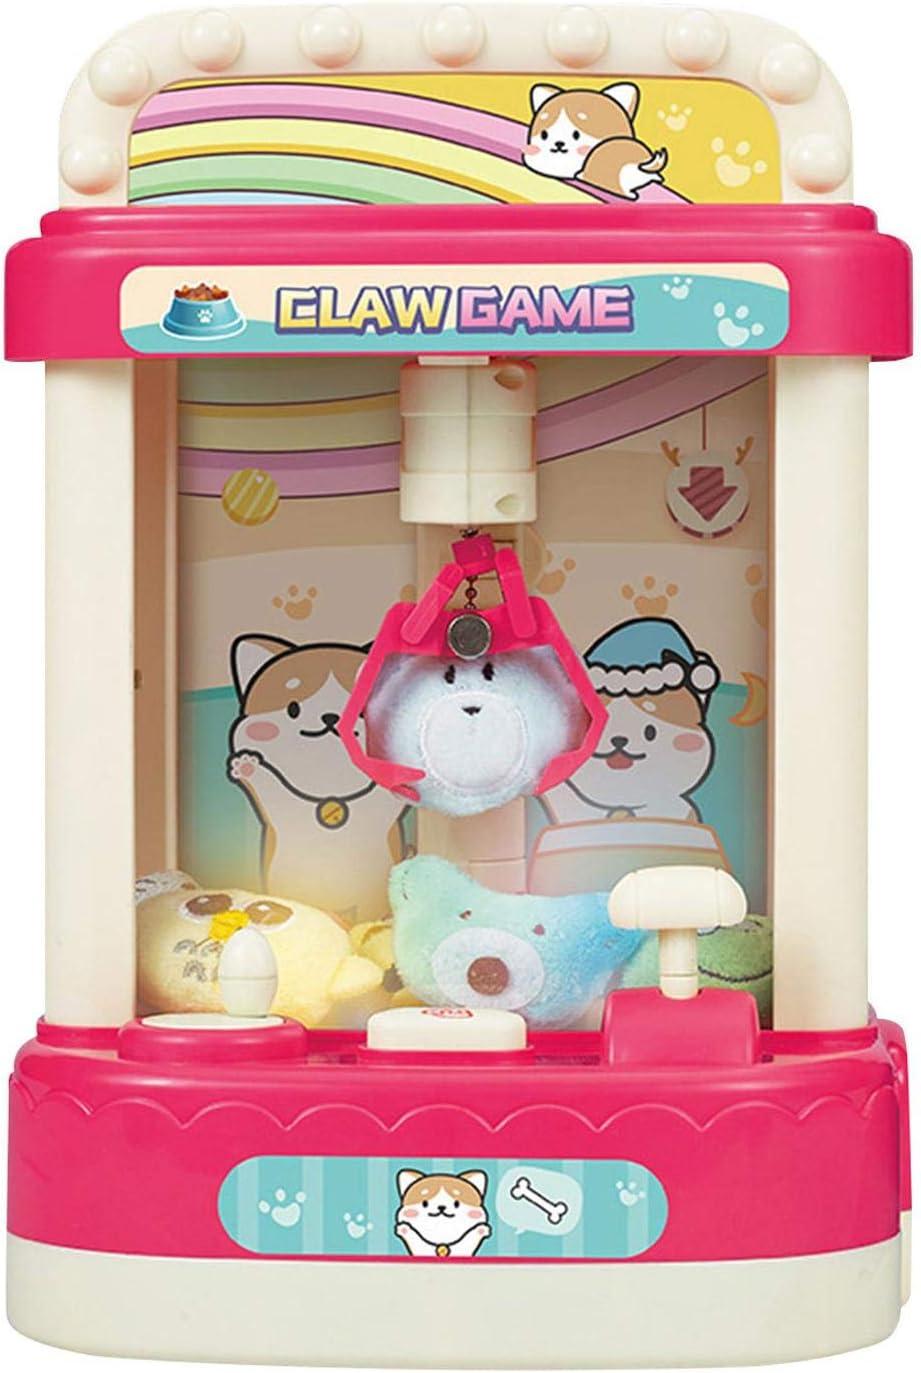 AIflyMi Juego de Arcade Claw Machine y dispensador de Dulces para premios pequeños, Juguetes y golosinas, Reproduce Sonidos Originales de música Arcade, Mini máquina expendedora Genial